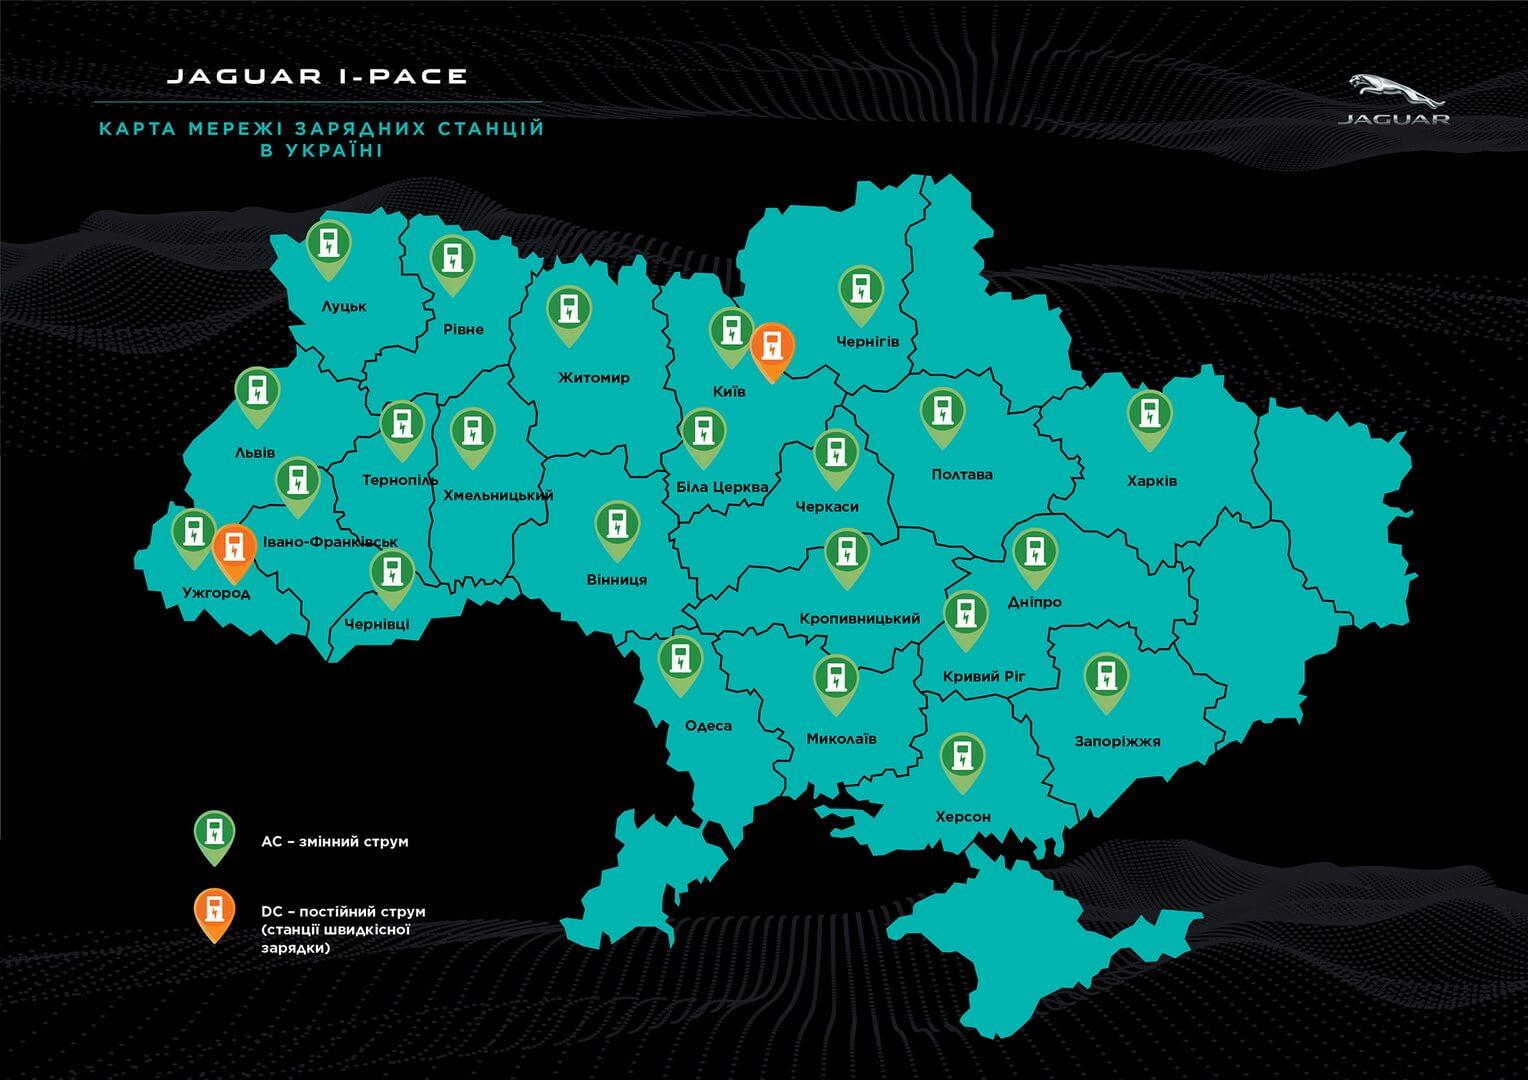 Карта зарядных станций в дилерских центрах Jaguar в Украине